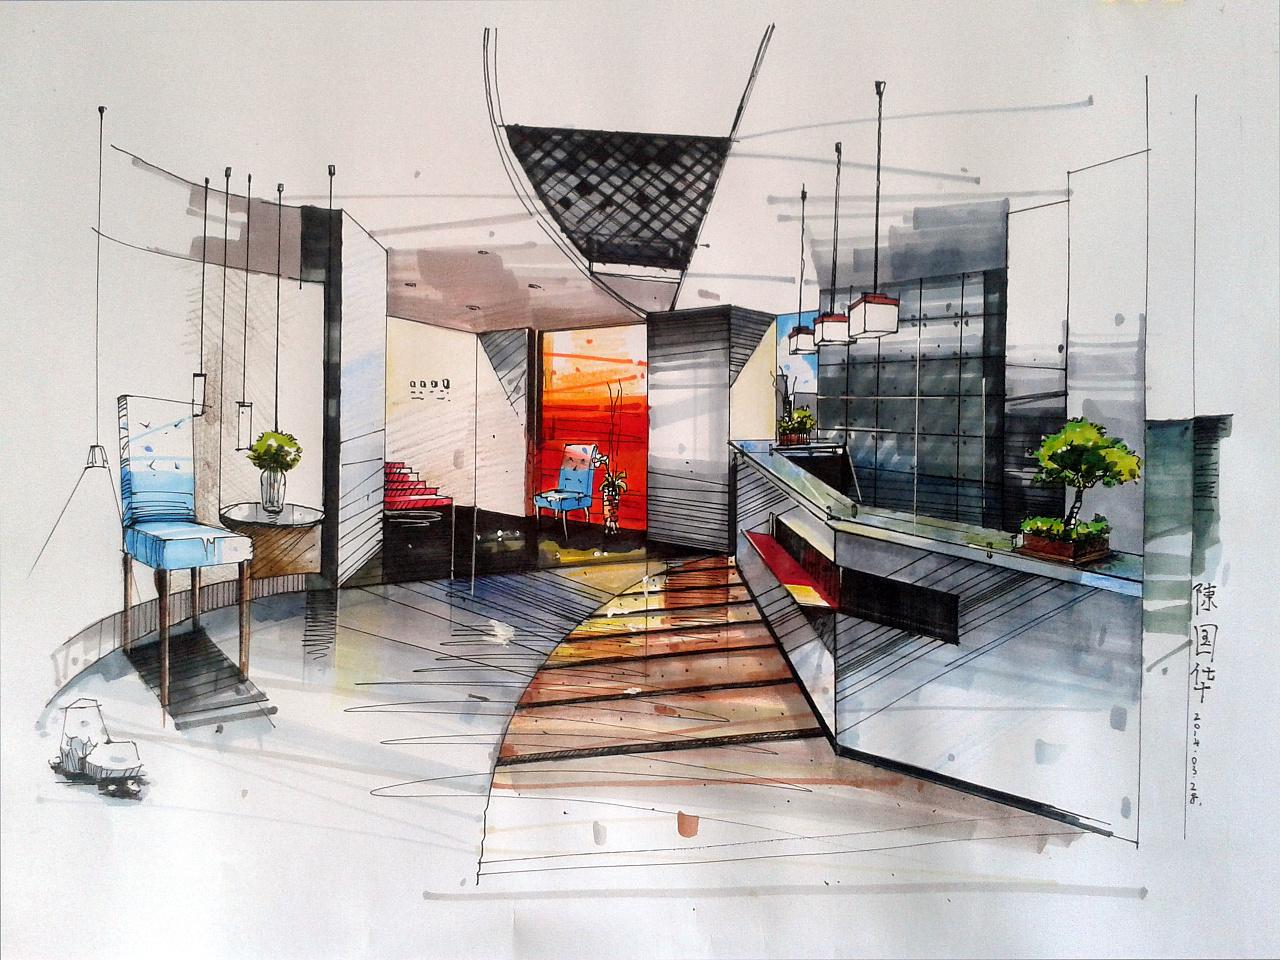 手绘练习|空间|室内设计|chenguohua - 原创作品